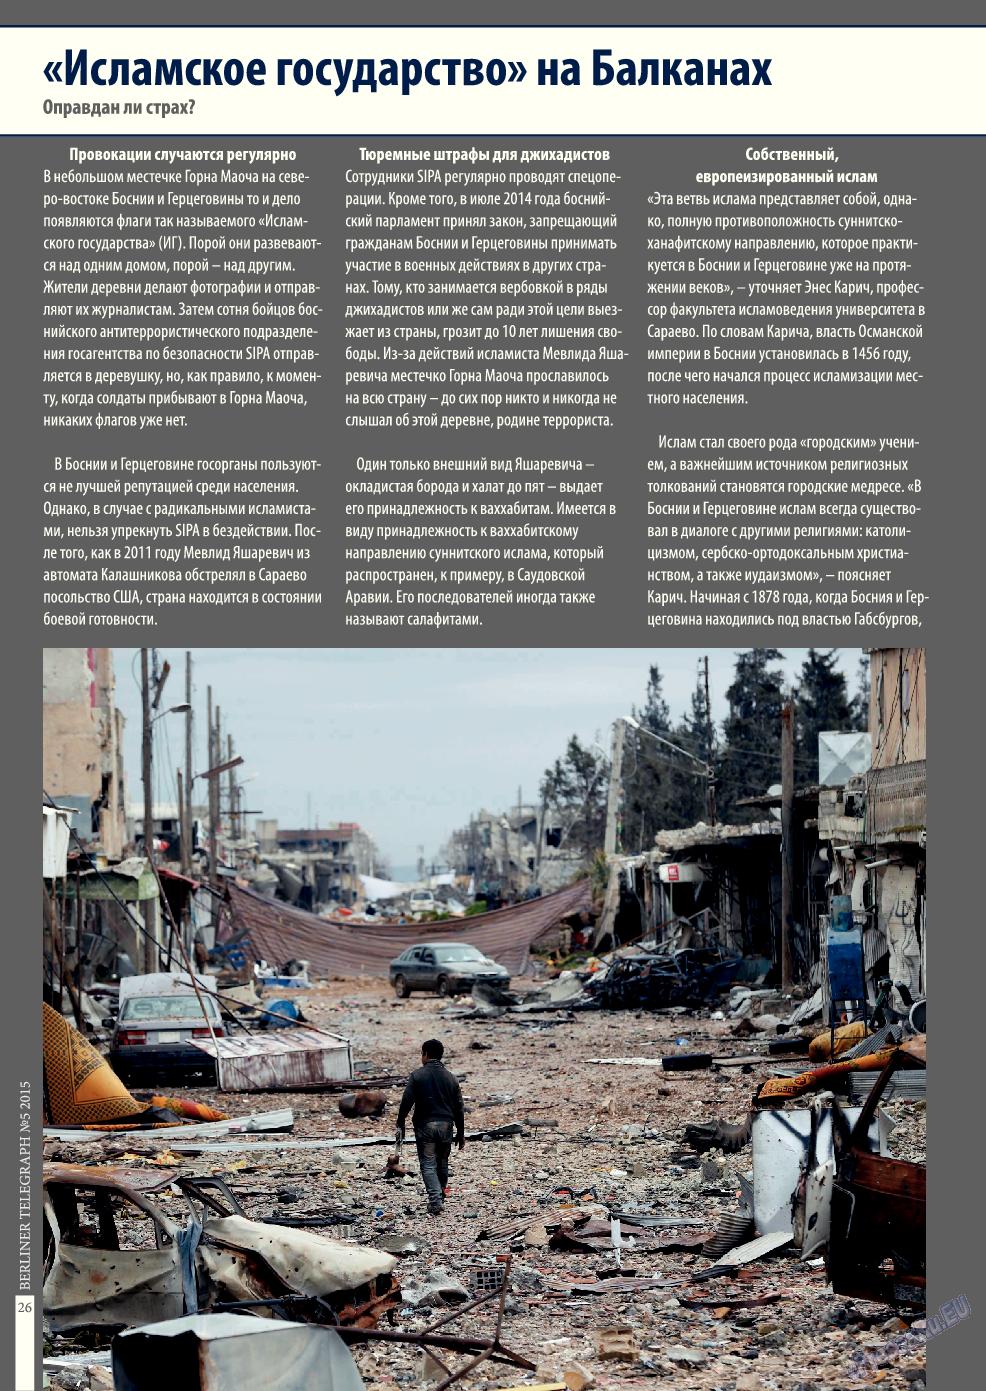 Берлинский телеграф (журнал). 2015 год, номер 5, стр. 26